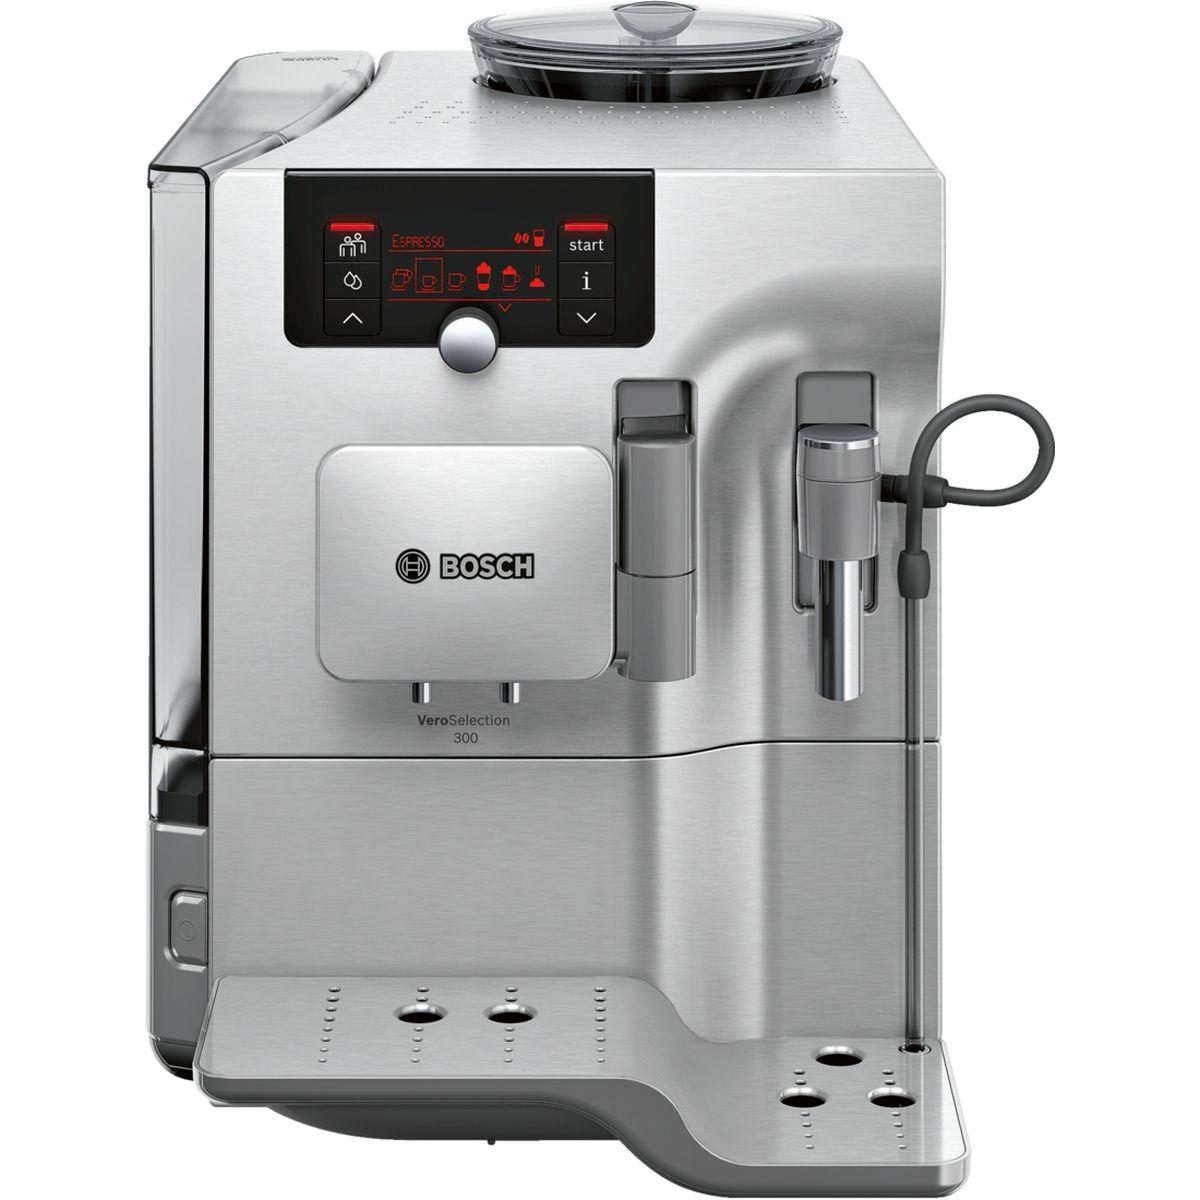 Bosch TES80323RW, Silver кофемашинаTES80323RWКофемашина Bosch TES80323RW создана для тех, кто любит наслаждаться кофейными напитками как можно дольше. Bosch предлагает специальную функции очистки кофемашины от накипи и масел. Просто активируйте функцию CalcnClean, используя специальные средства по уходу и чистке кофемашин. CreamCleaner - программа, позволяющая быстро и удобно очистить капучинатор от остатков молока. Достаточно нажать на кнопку и процесс очистки начнется автоматически. Большой выбор напитков и комфорт при приготовлении. Функция OneTouch для приготовления кофейных напитков одним нажатием кнопки и PersonalCoffee Pro для сохранения индивидуальных настроек.